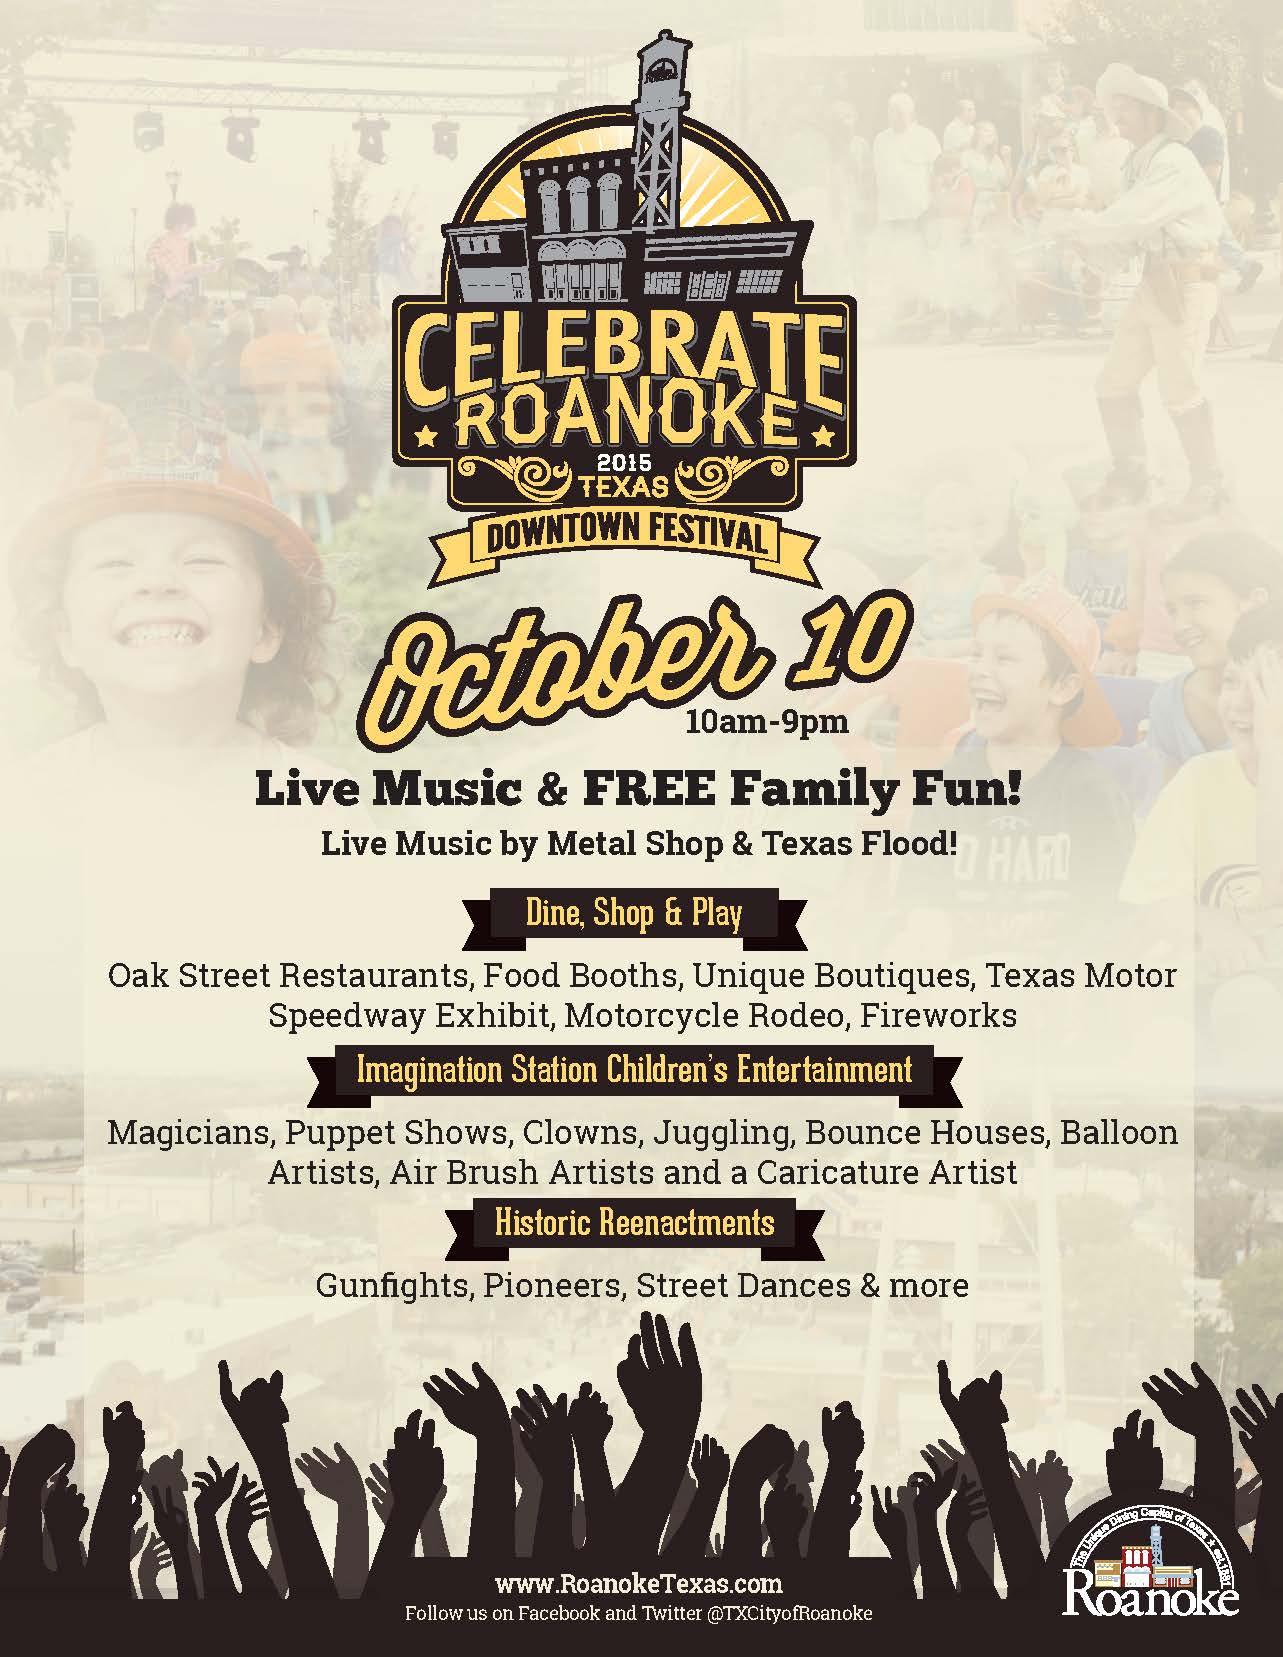 Roanoke, TX - Official Website